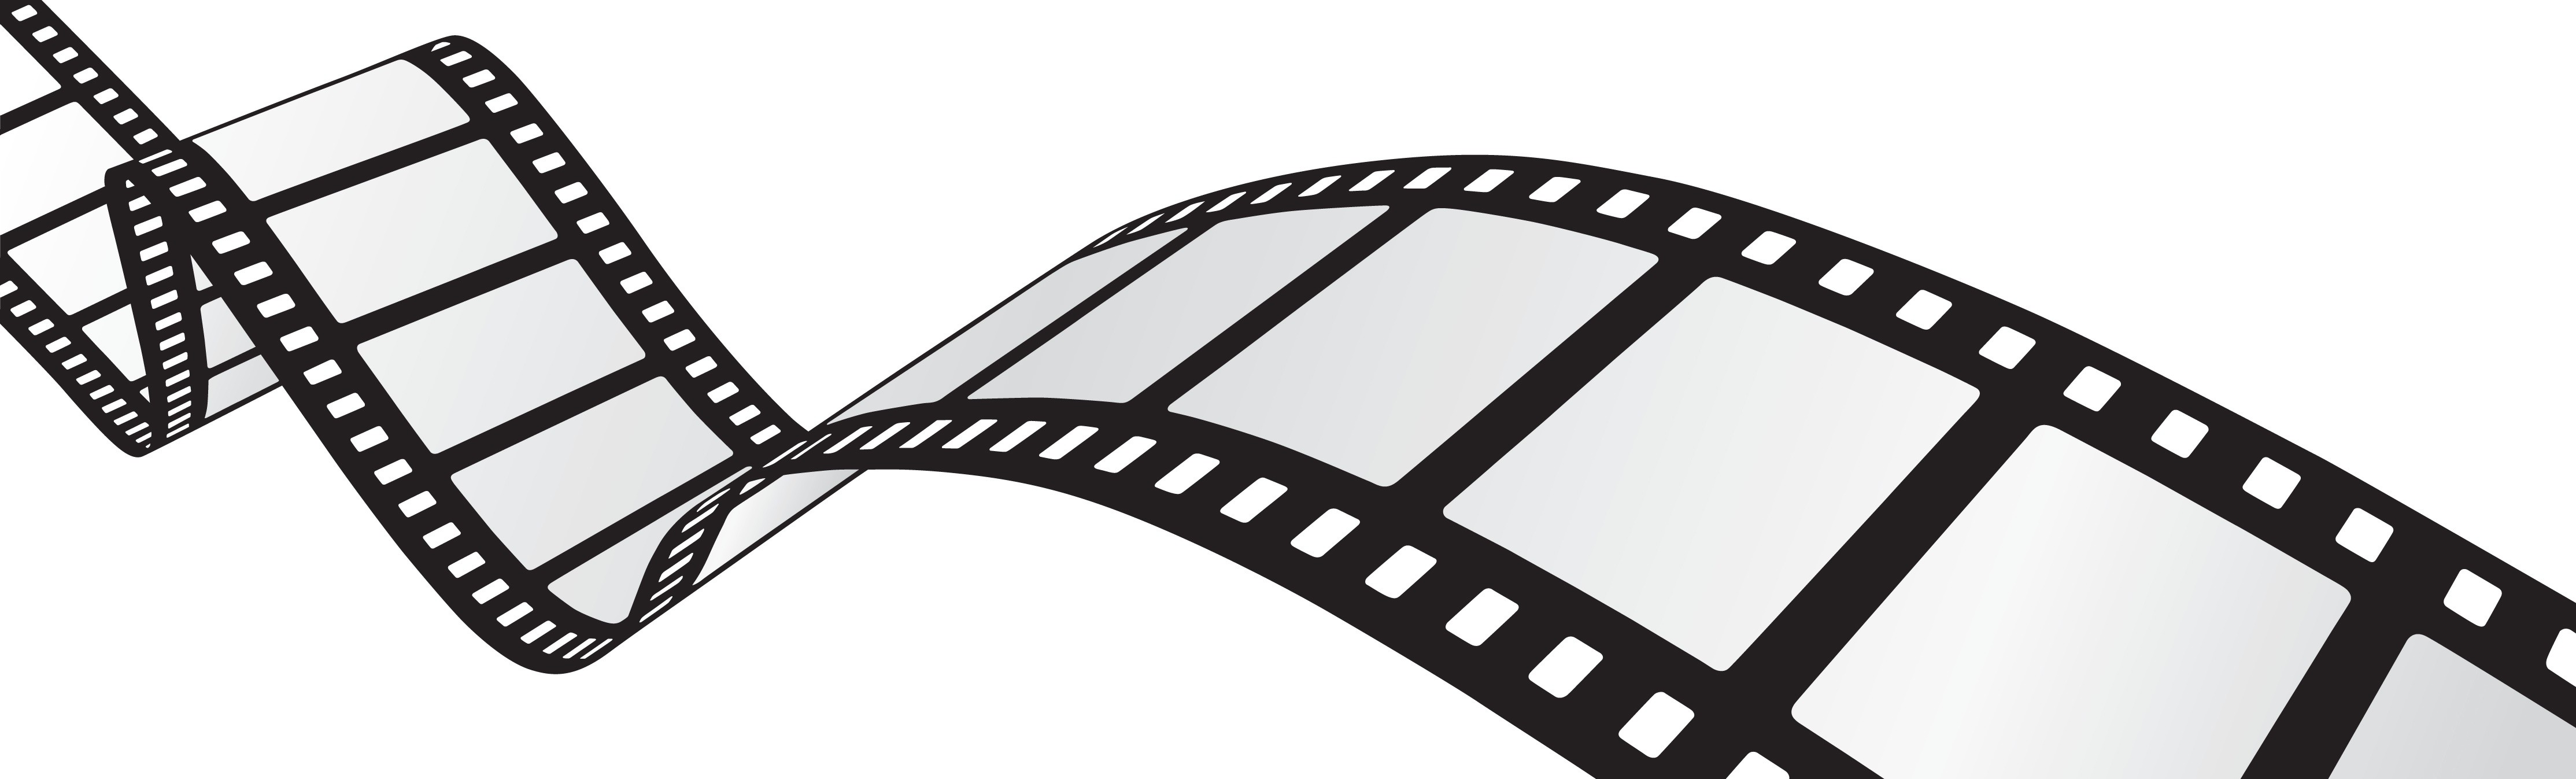 Movie Reel #2232568 - Movie HD PNG